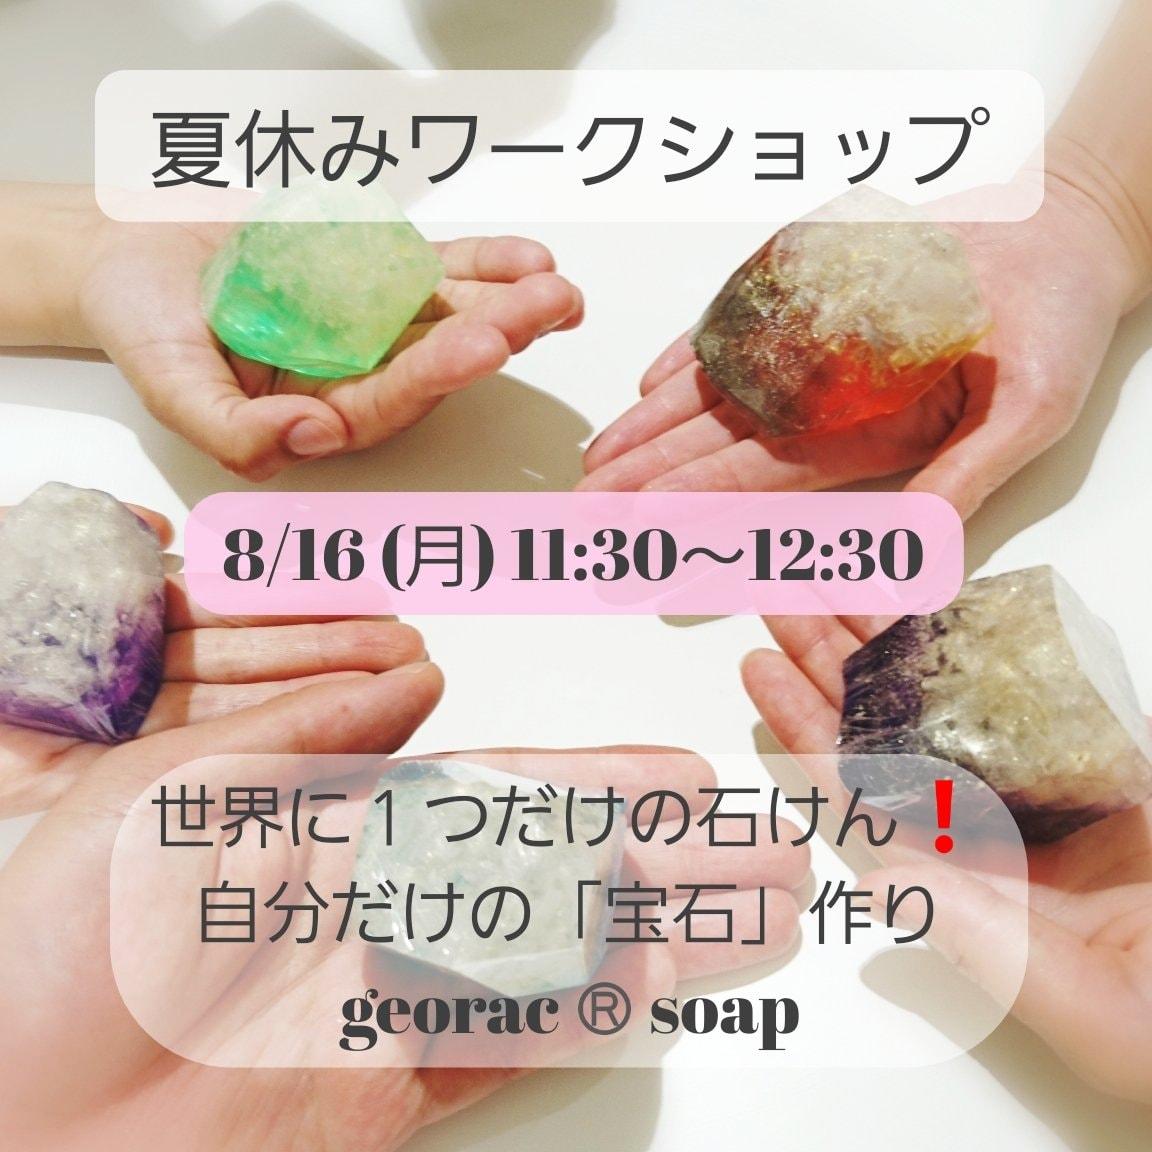 8/16(月)11:30〜12:30 夏休みの親子ワークショップ|3組限定!世界で一つ!自分だけの「宝石」石けん!|石けん2個作れます。のイメージその1